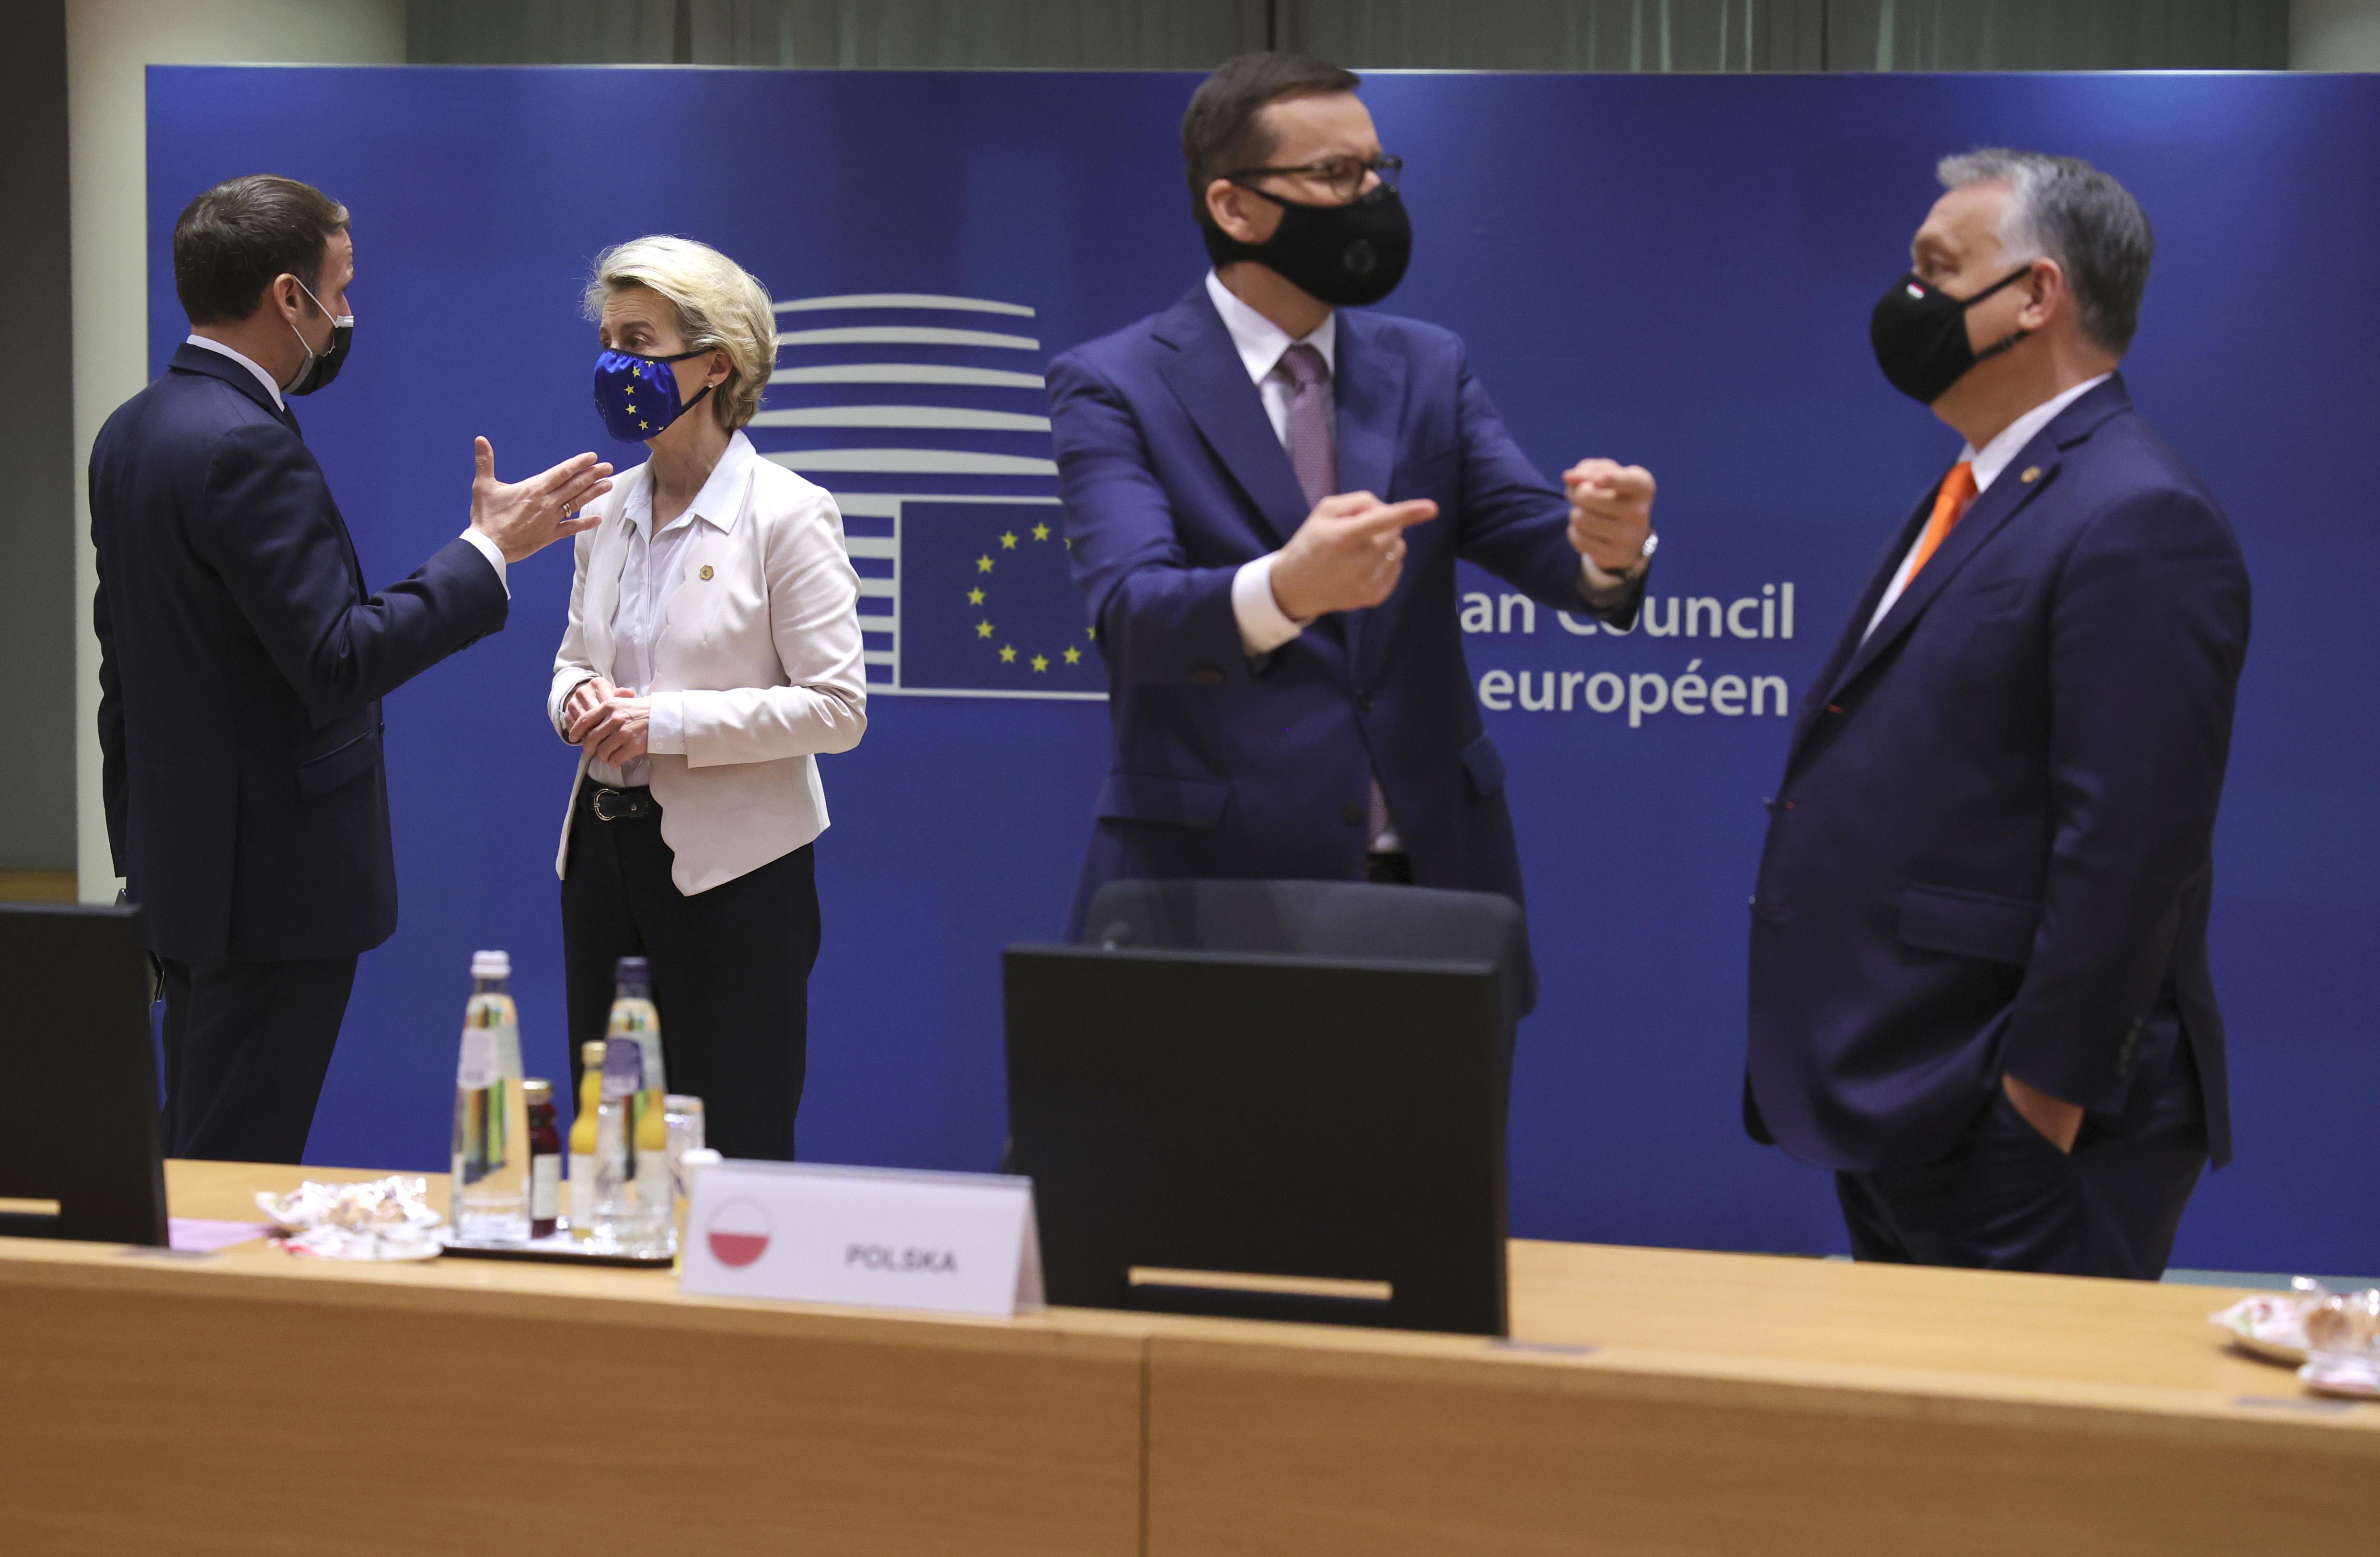 Lassan halad az oltás, ezért késhet a kilábalás Európában